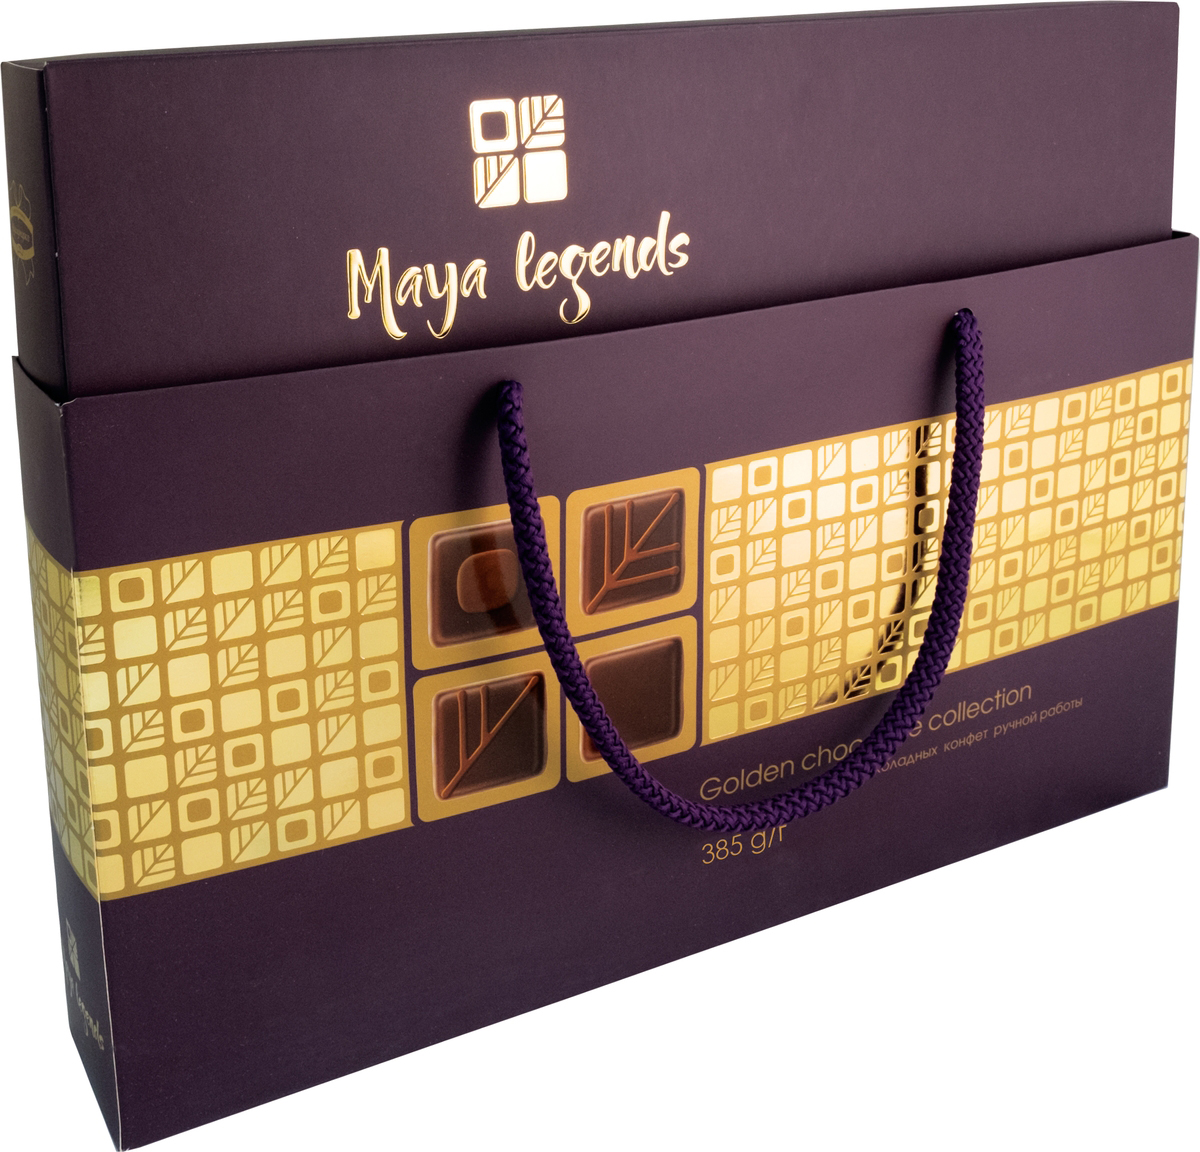 Коммунарка Легенды майя набор конфет цвет темный, 385 г flis happy moka кофейные глазированные конфеты 140 г